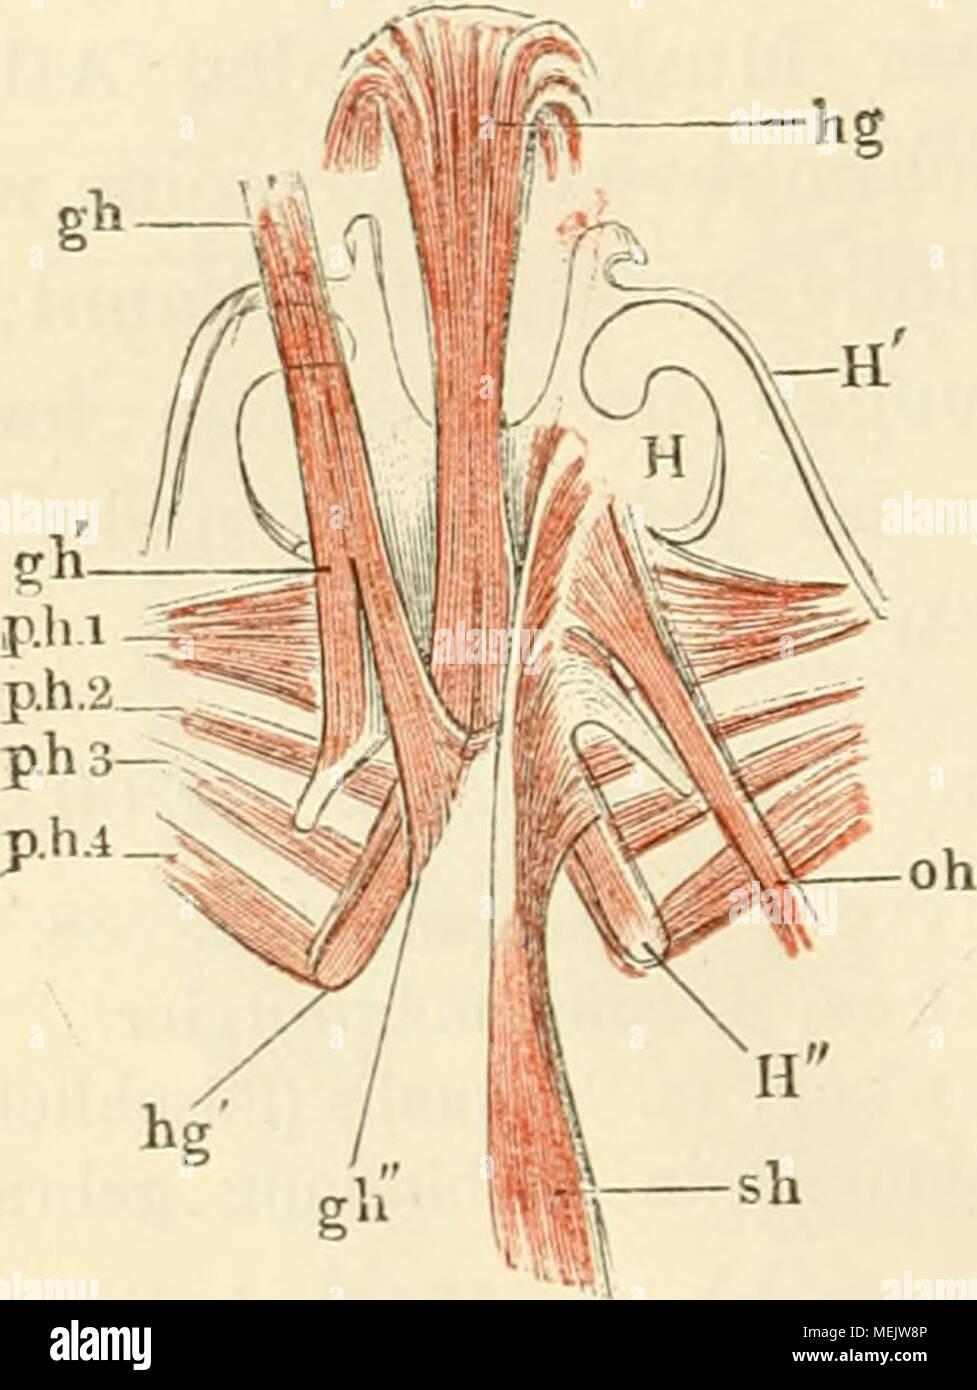 Nett Stossen Anatomie Ideen - Menschliche Anatomie Bilder ...